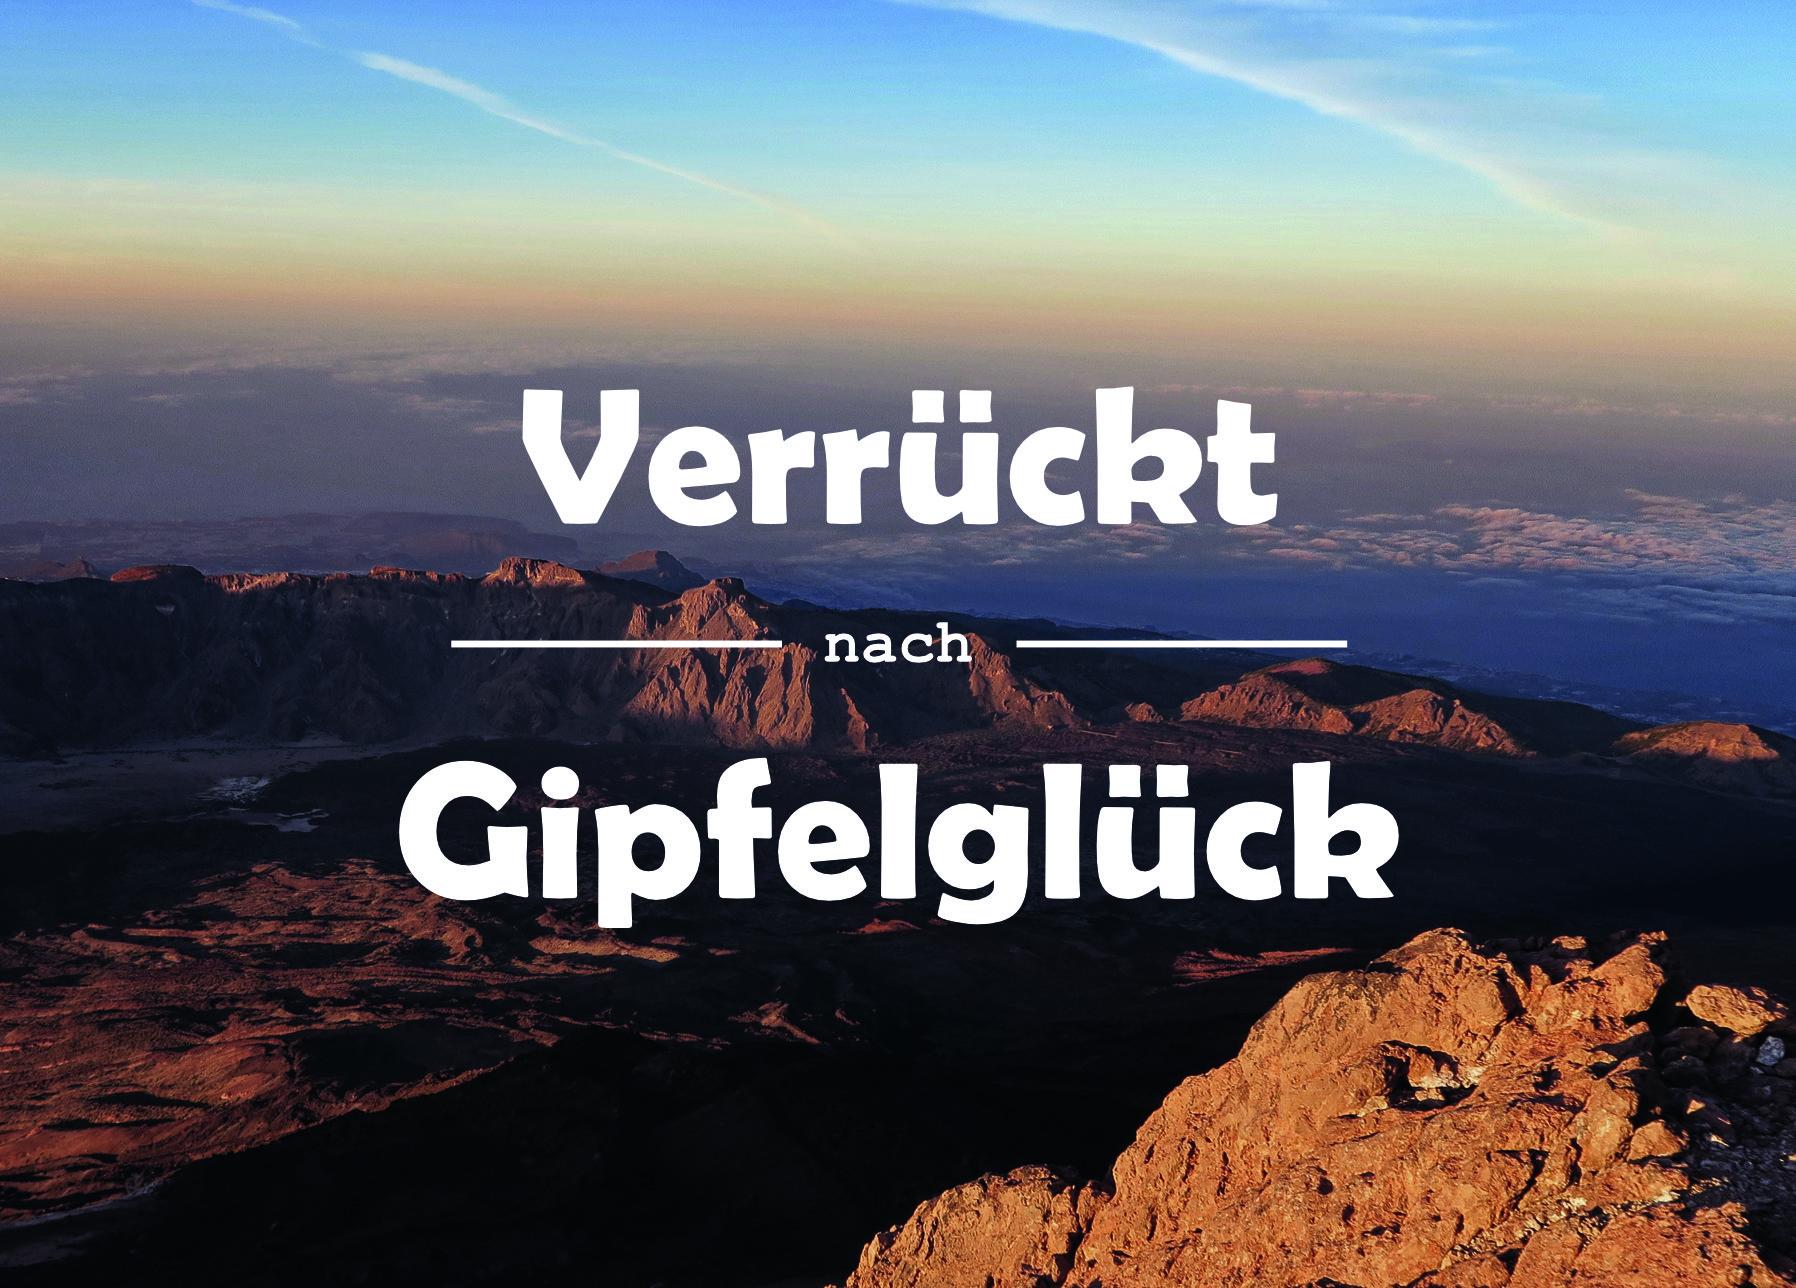 Verrückt nach Gipfelglück, Zitat, Bergspruch